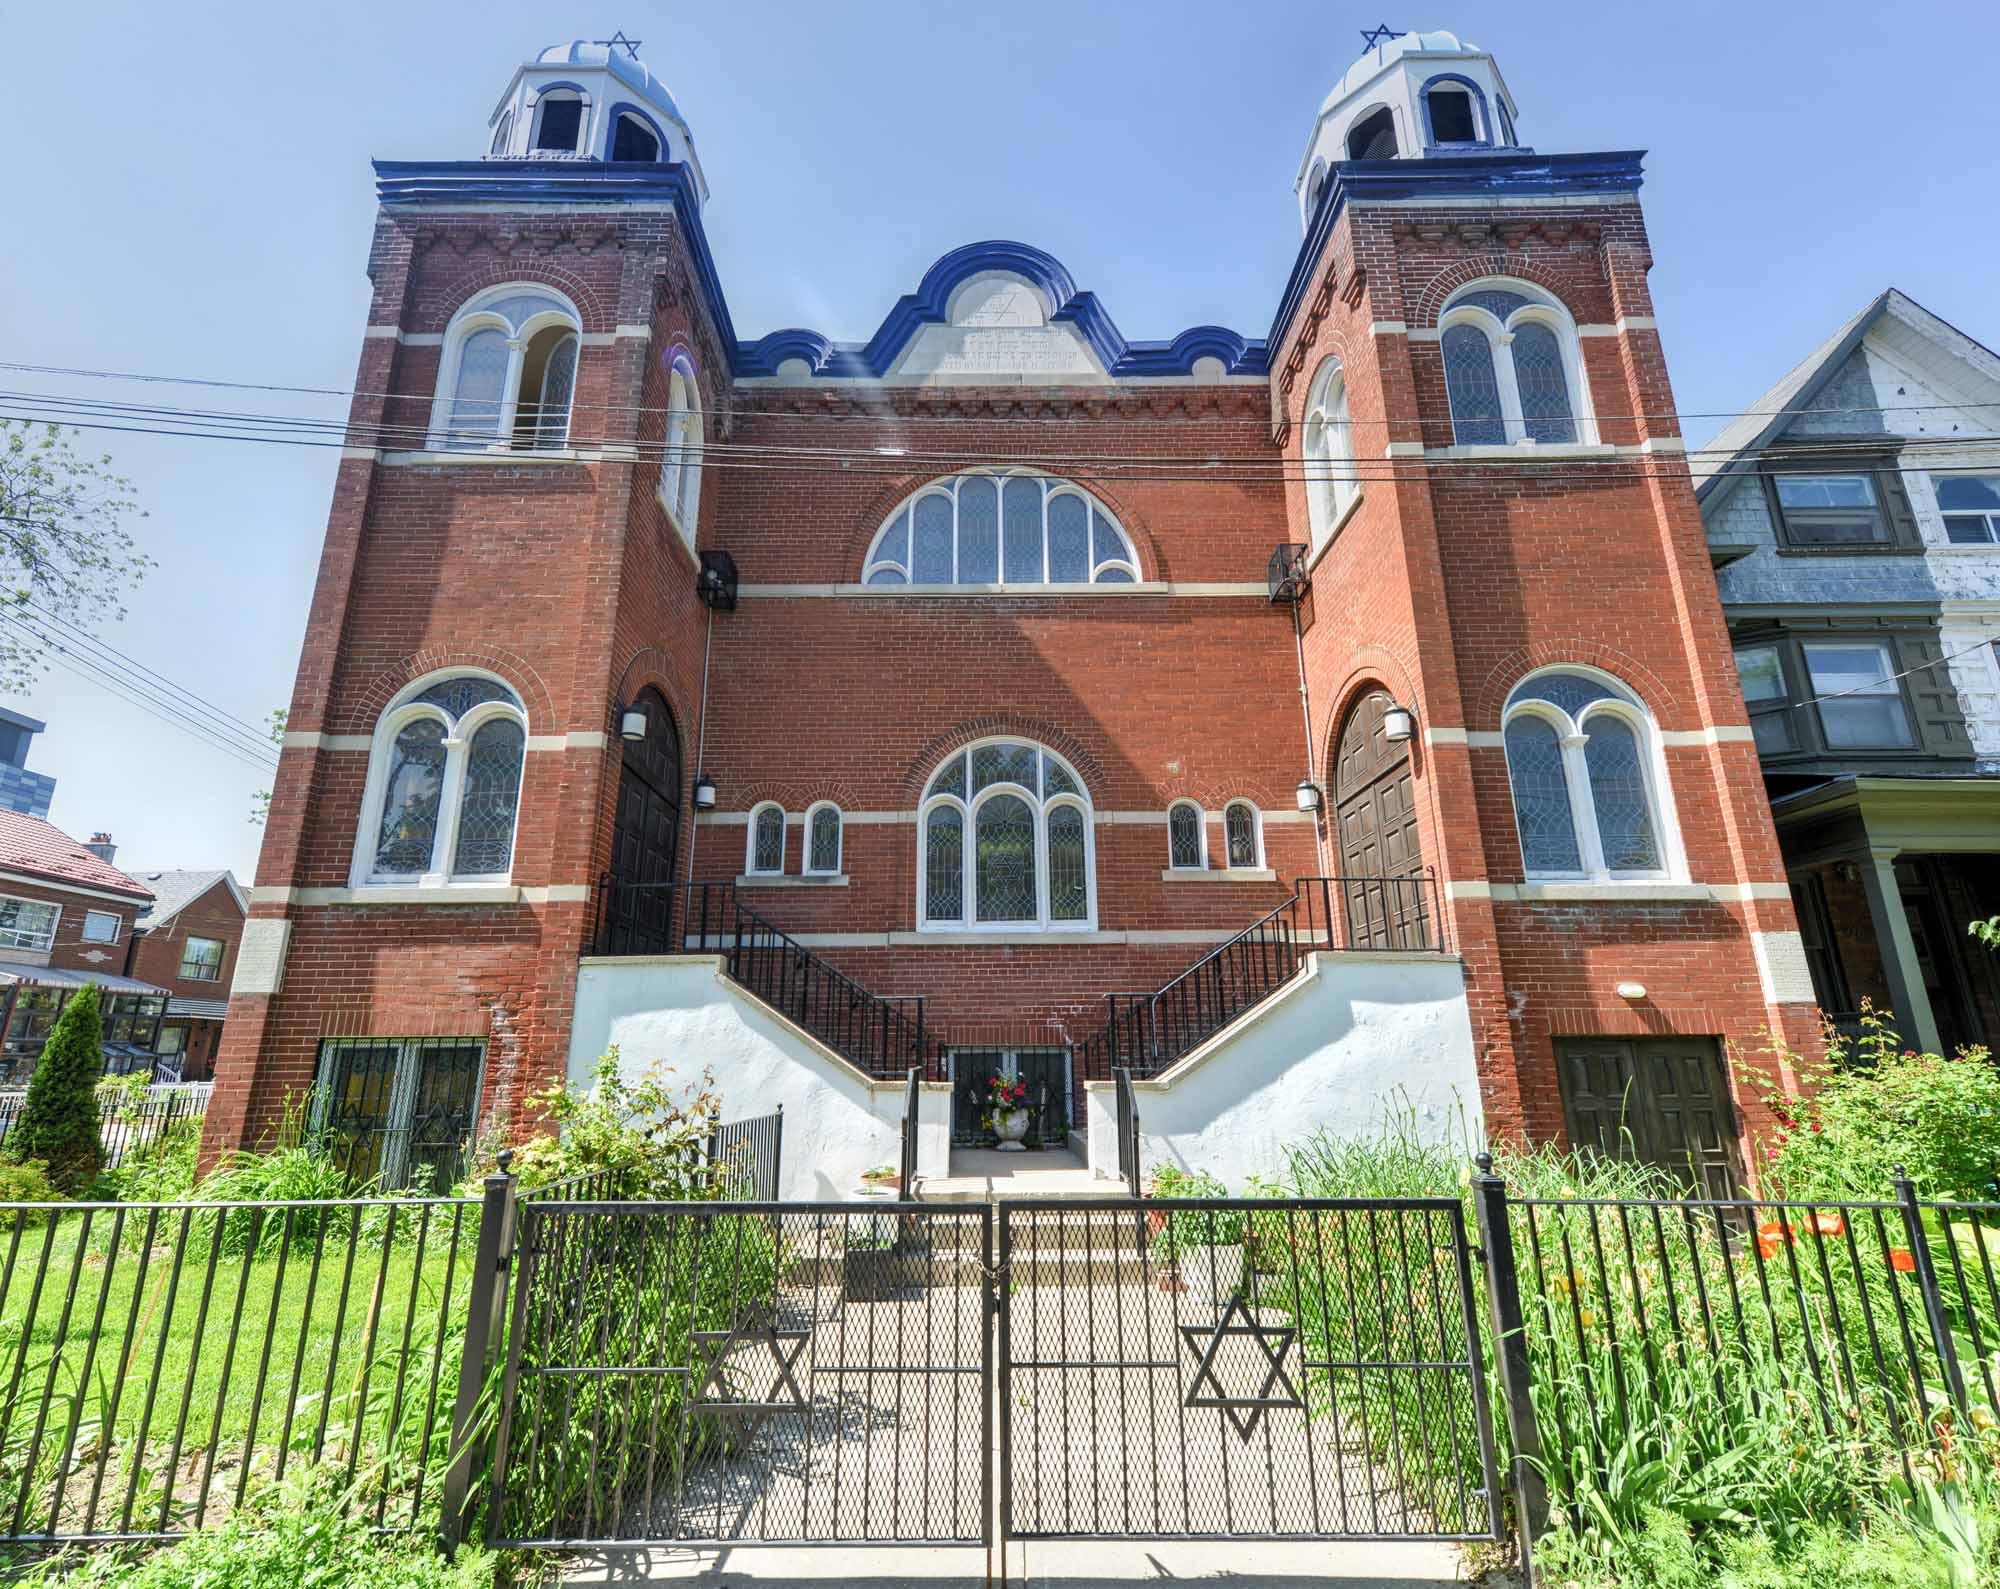 The Kiever Synagogue